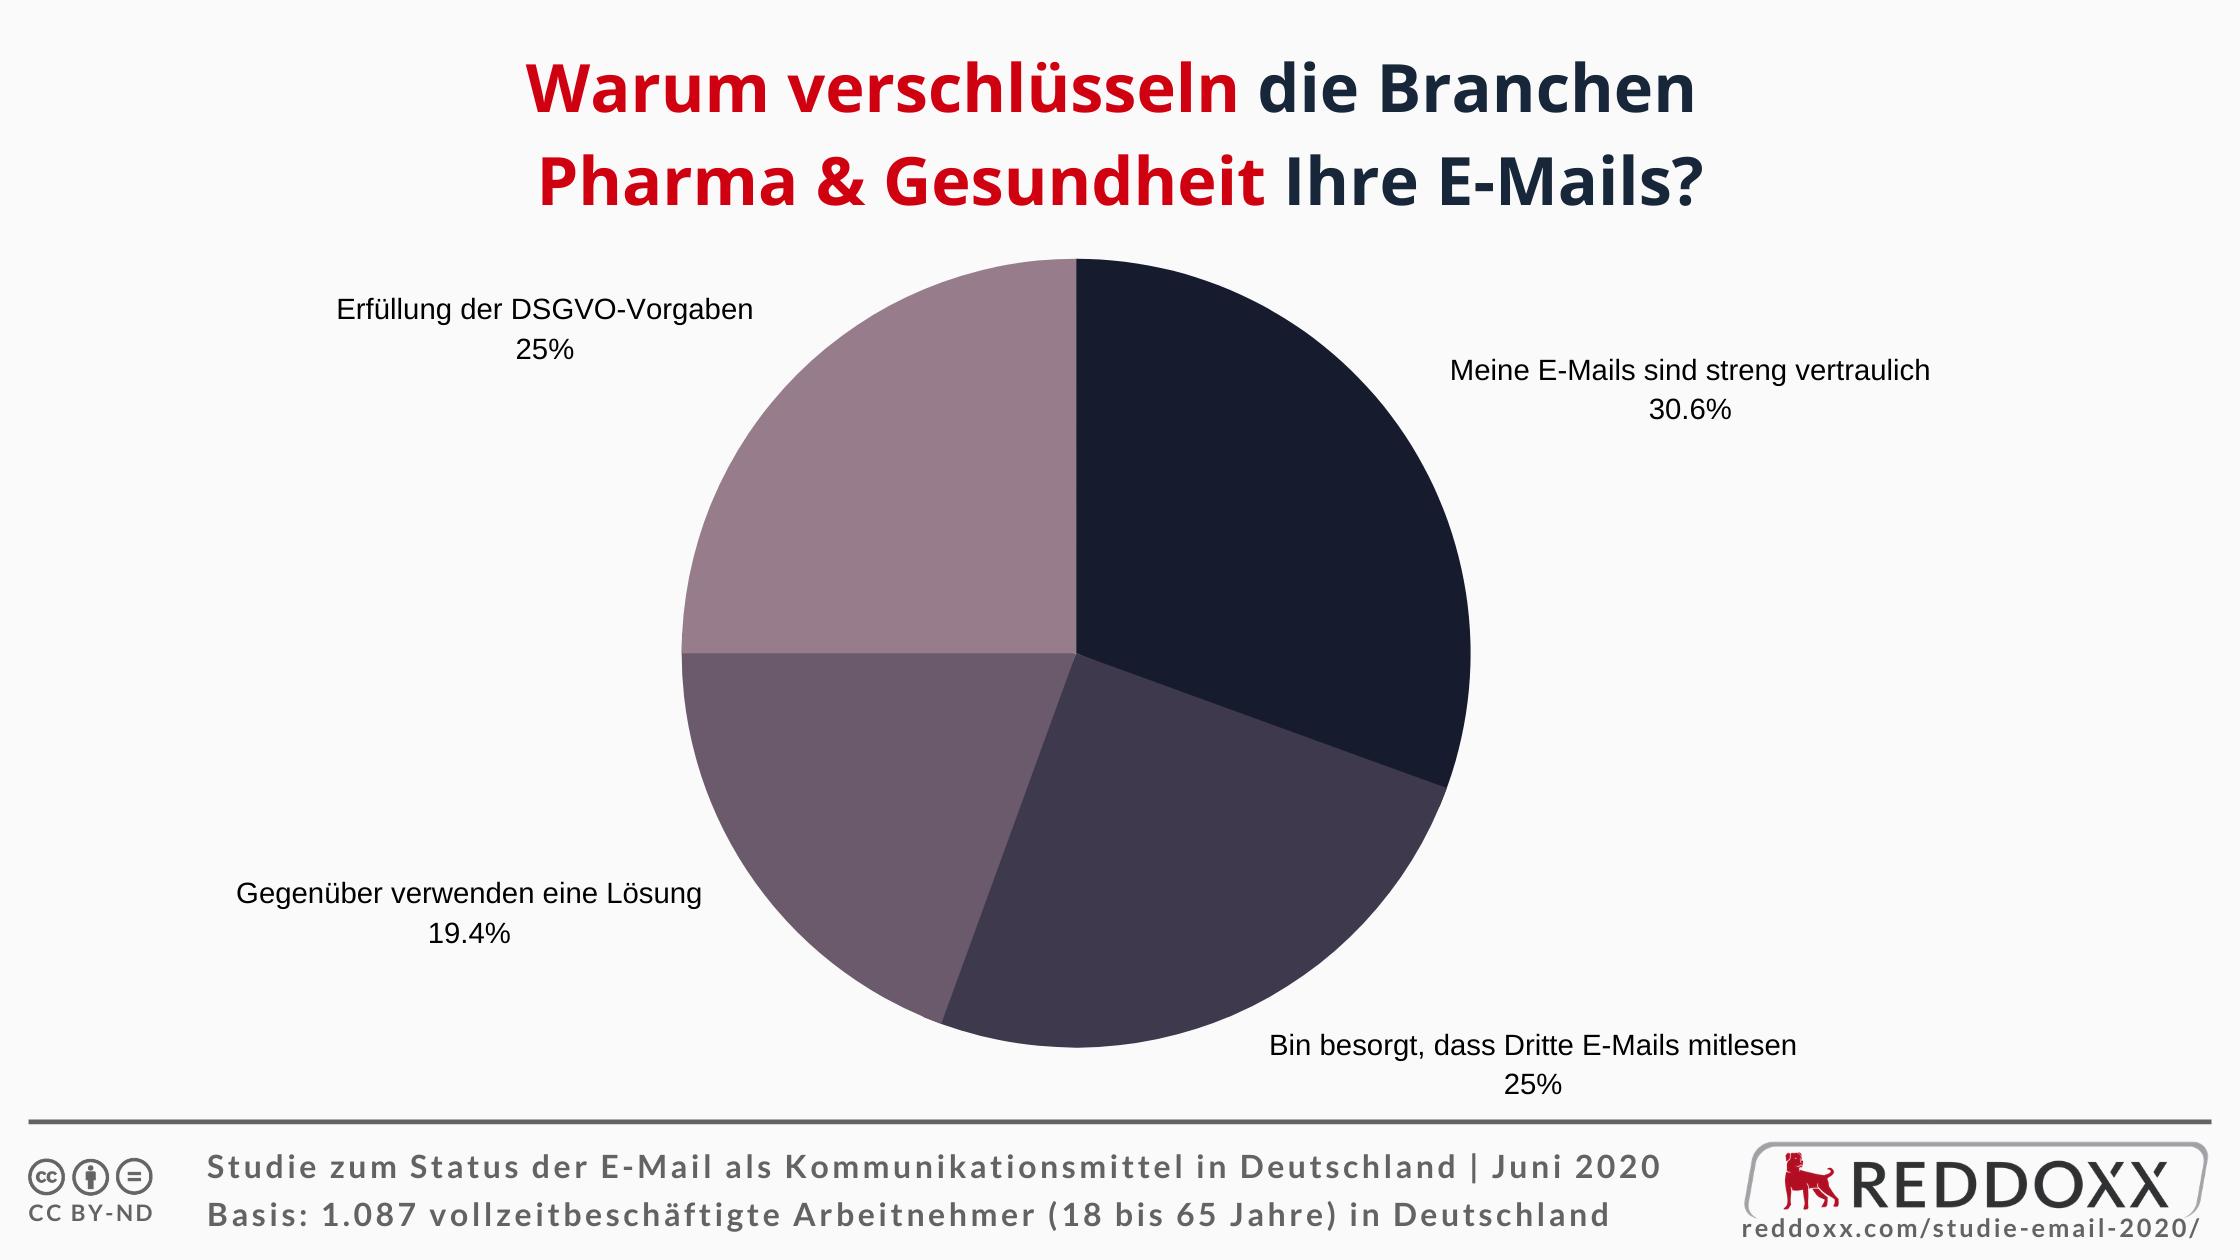 Warum verschlüsseln die Branchen Pharma & Gesundheit Ihre E-Mails